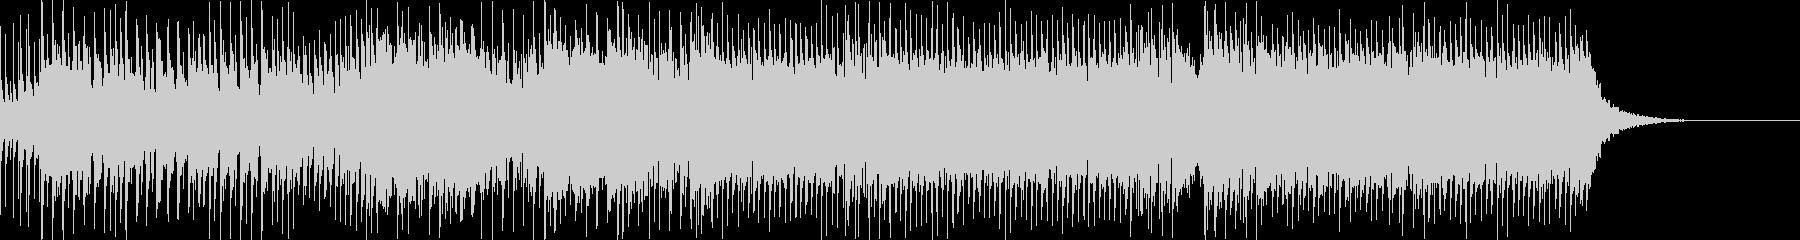 和楽器ロック シンプルだけどラウド激しいの未再生の波形